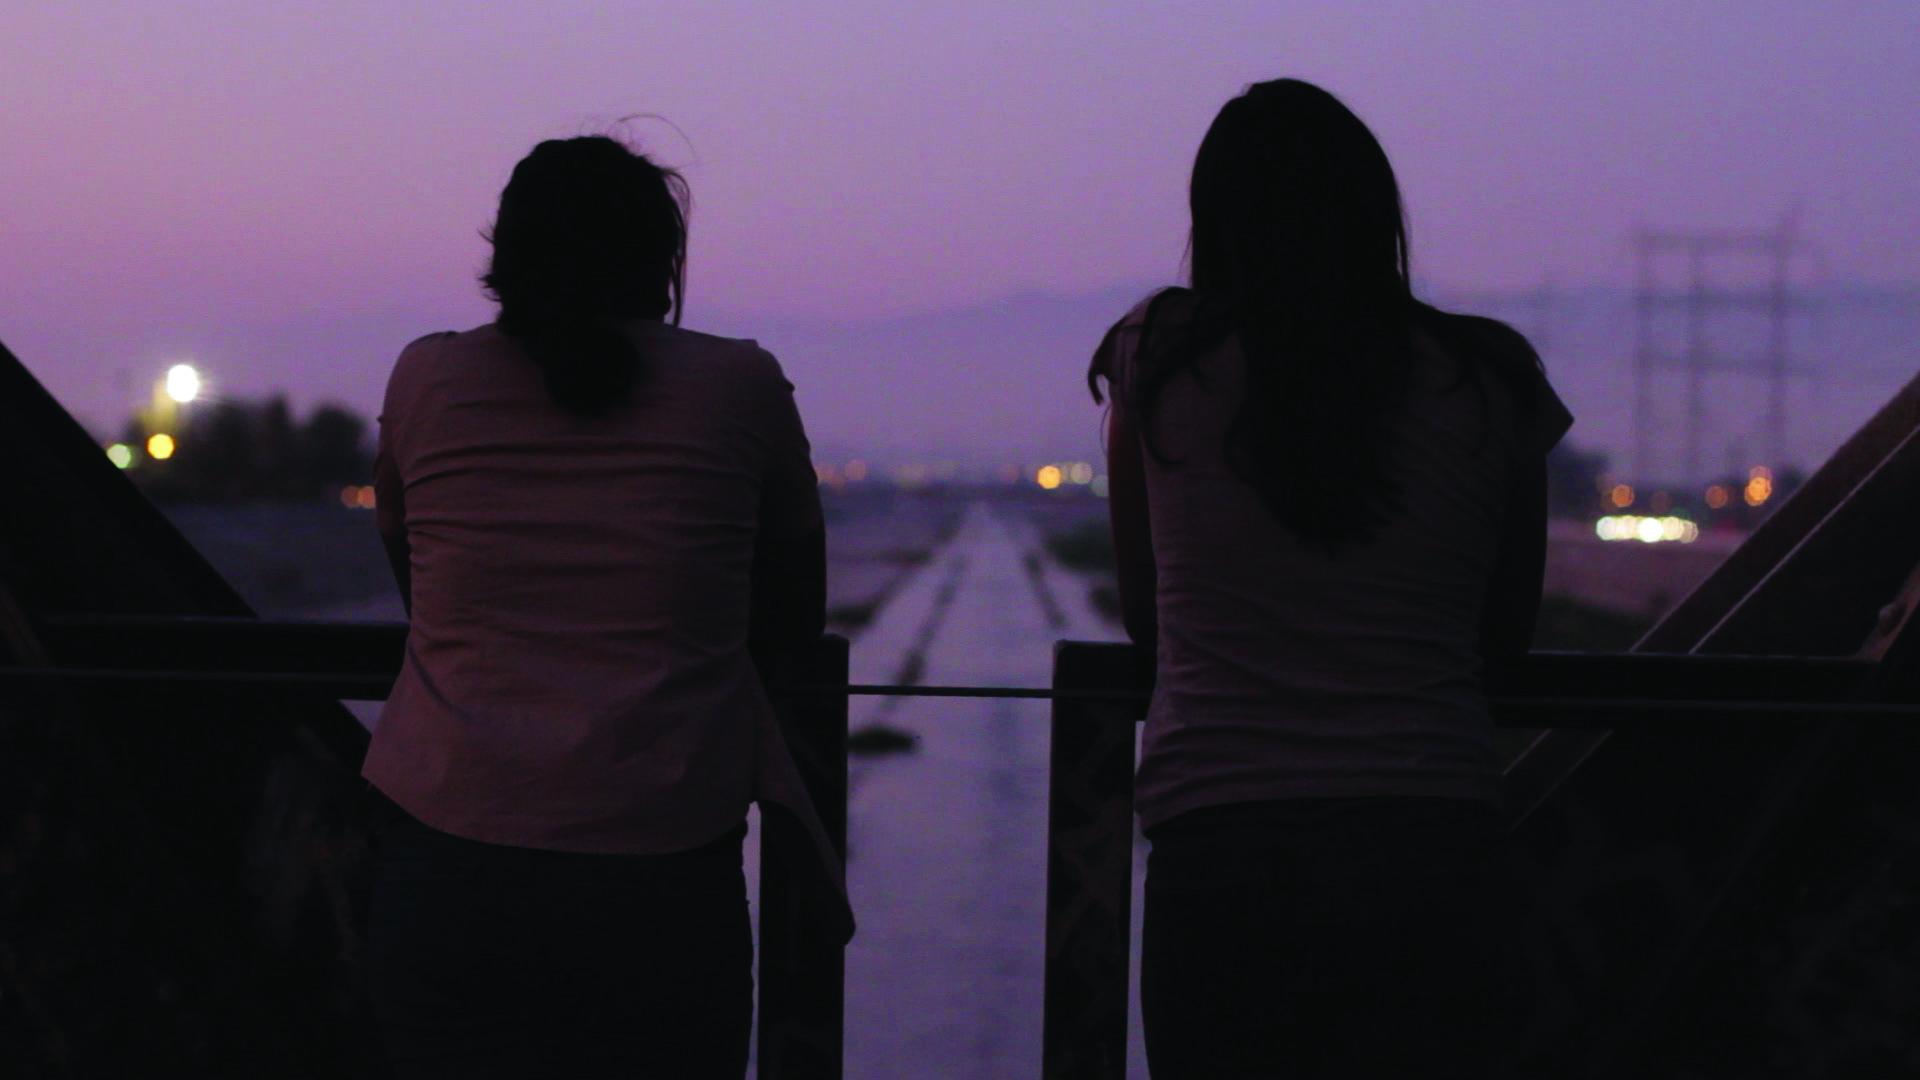 yolanda and mari on bridge